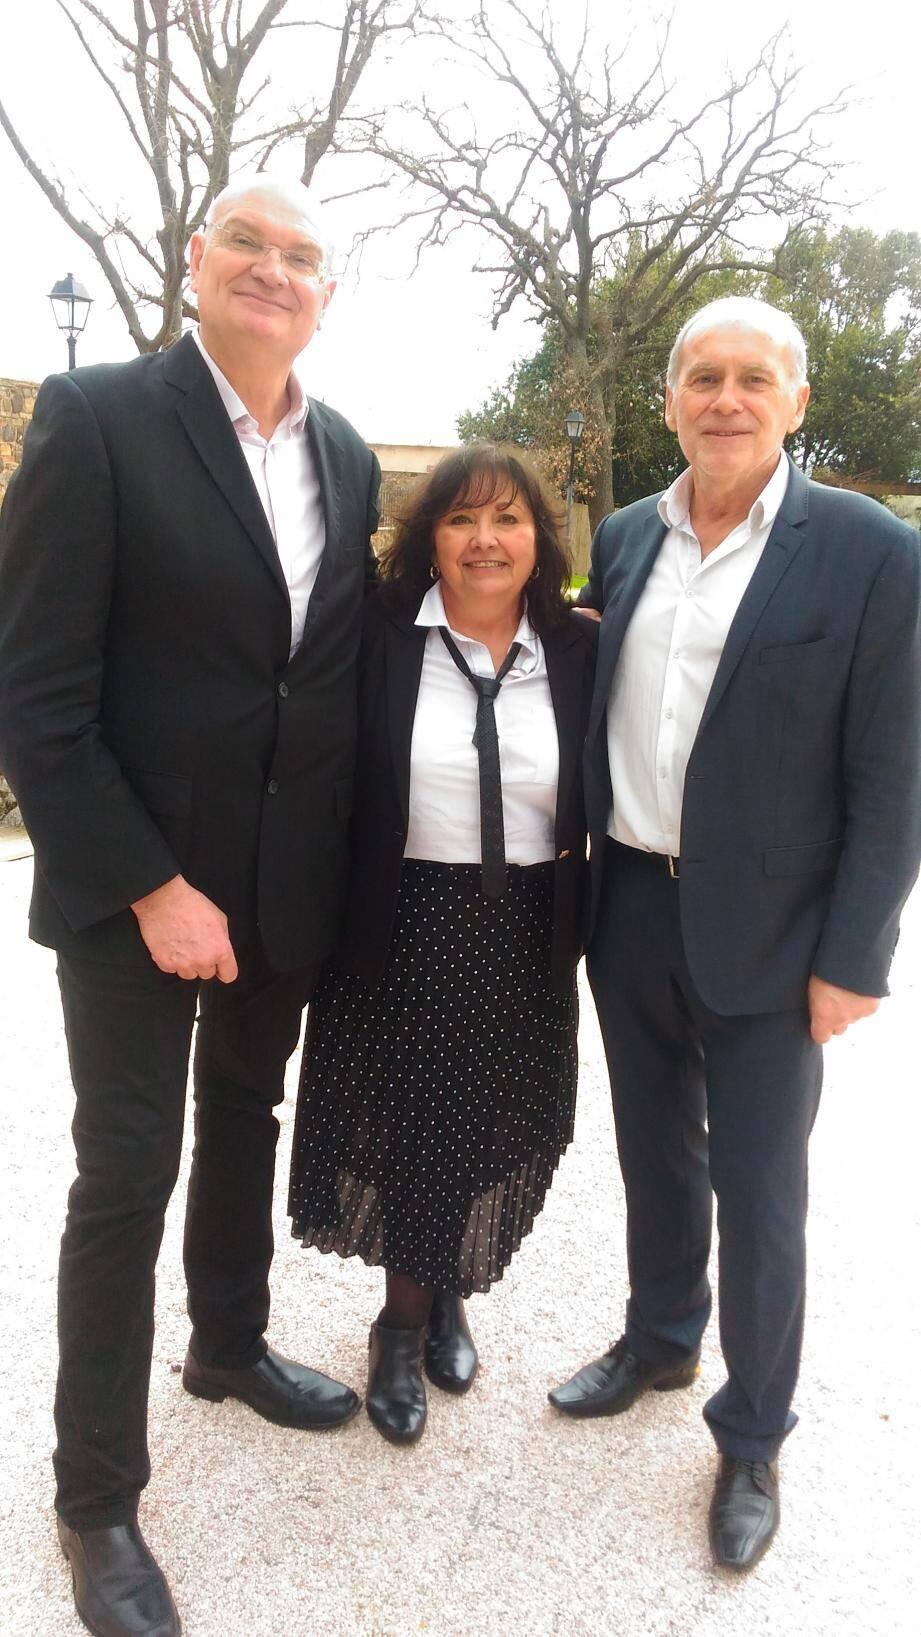 Serge Ternoir (à droite) a pris la présidence de l'Afuzi et succède à Philippe Bartier (à gauche). Quant à Monique Fontaine, elle prendra sa retraite au mois de juin. (D.R.)